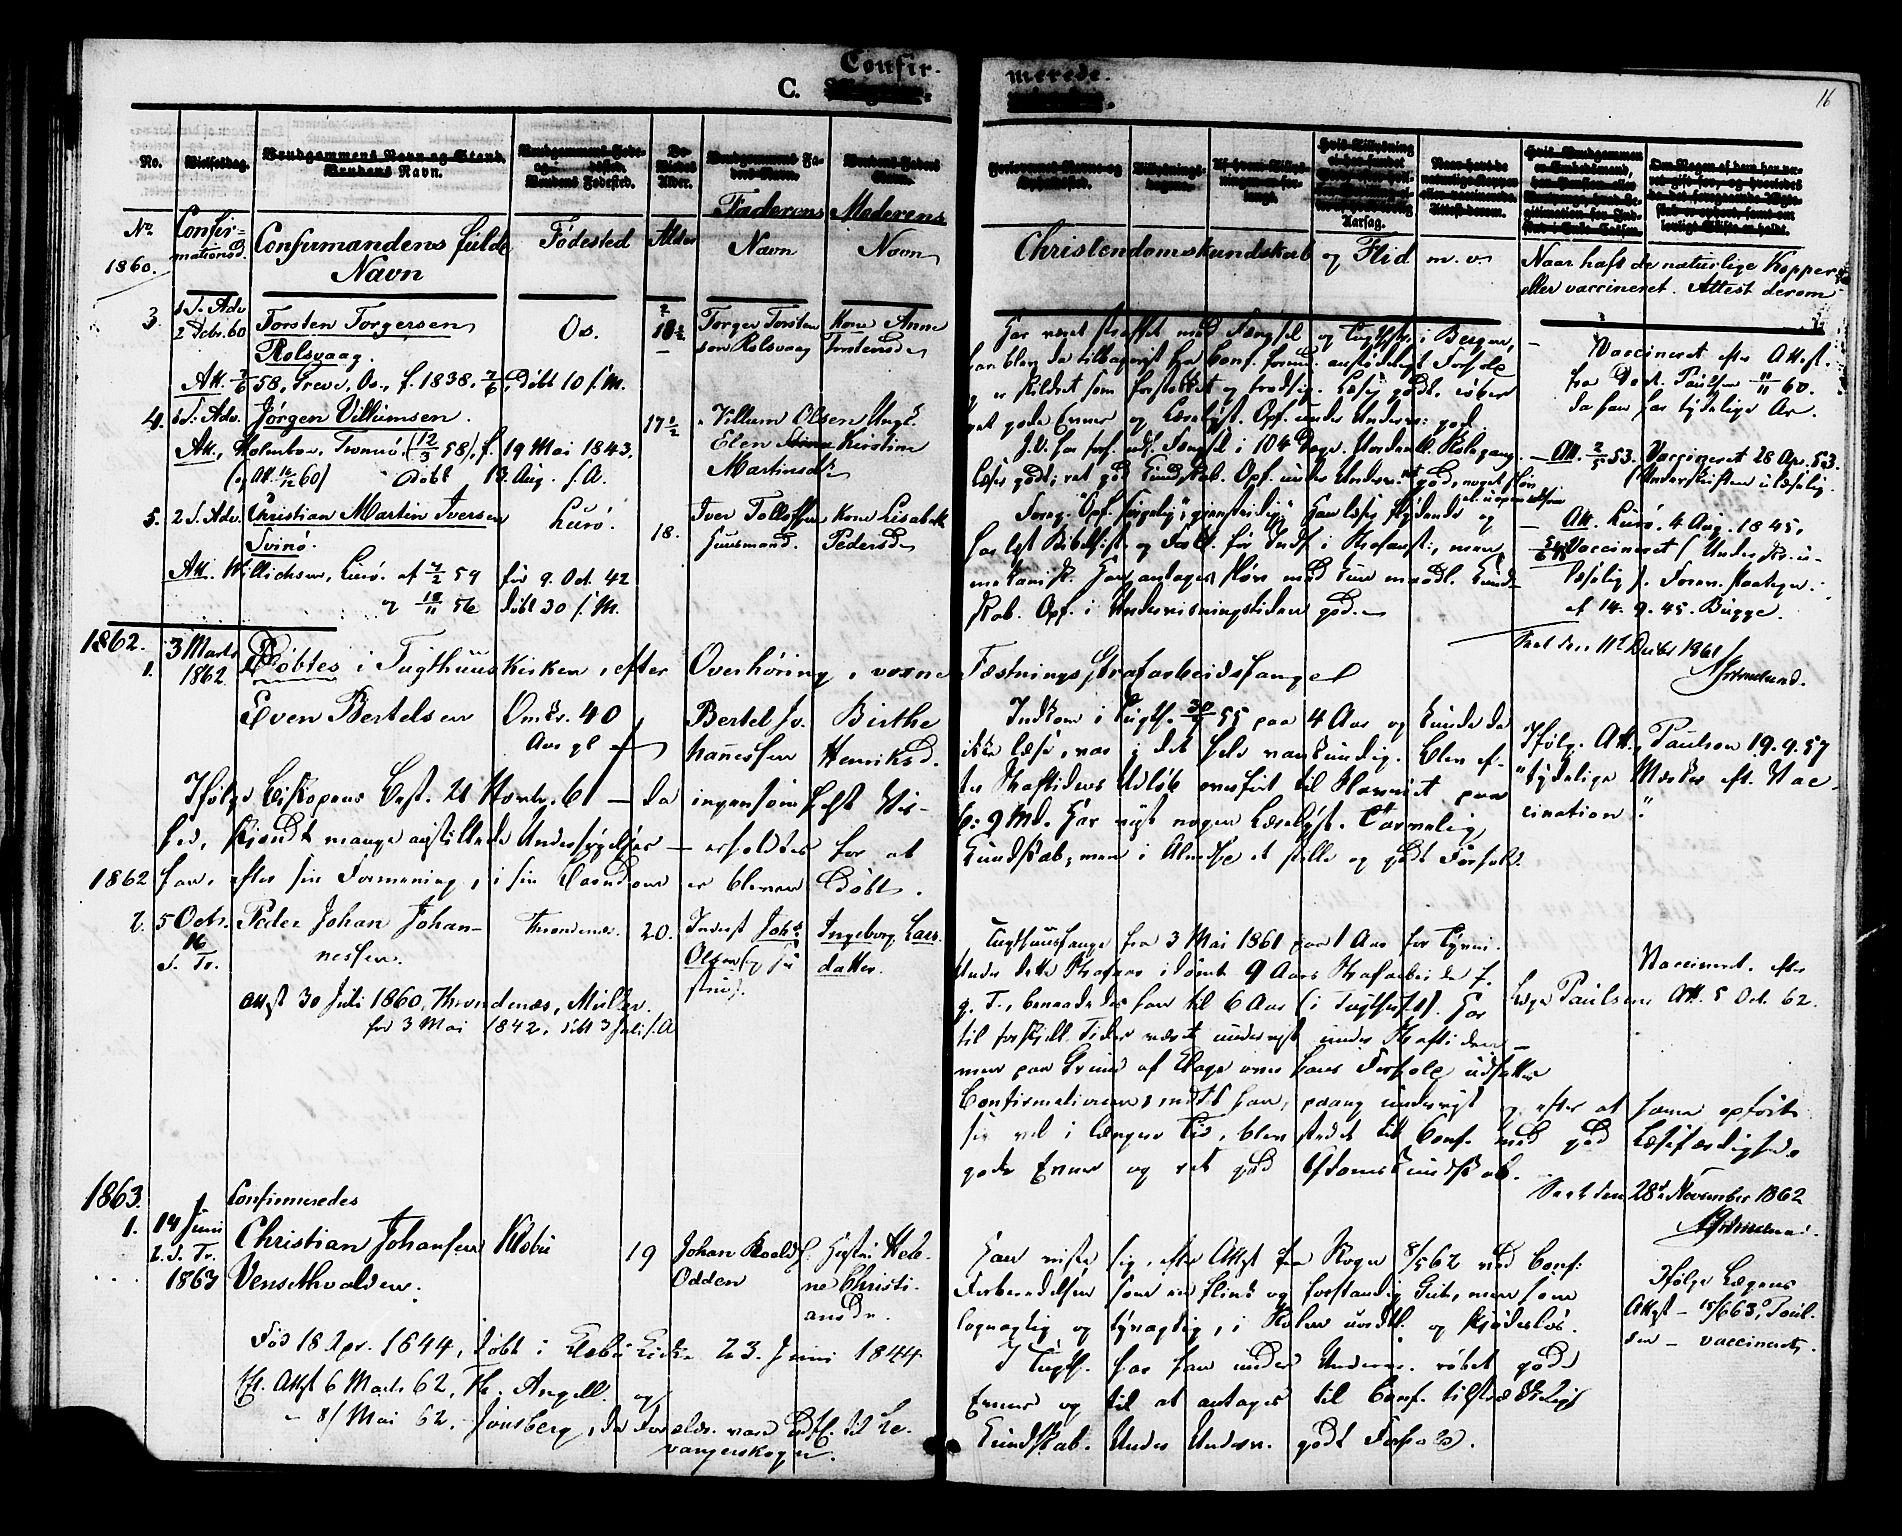 SAT, Ministerialprotokoller, klokkerbøker og fødselsregistre - Sør-Trøndelag, 624/L0480: Ministerialbok nr. 624A01, 1841-1864, s. 16